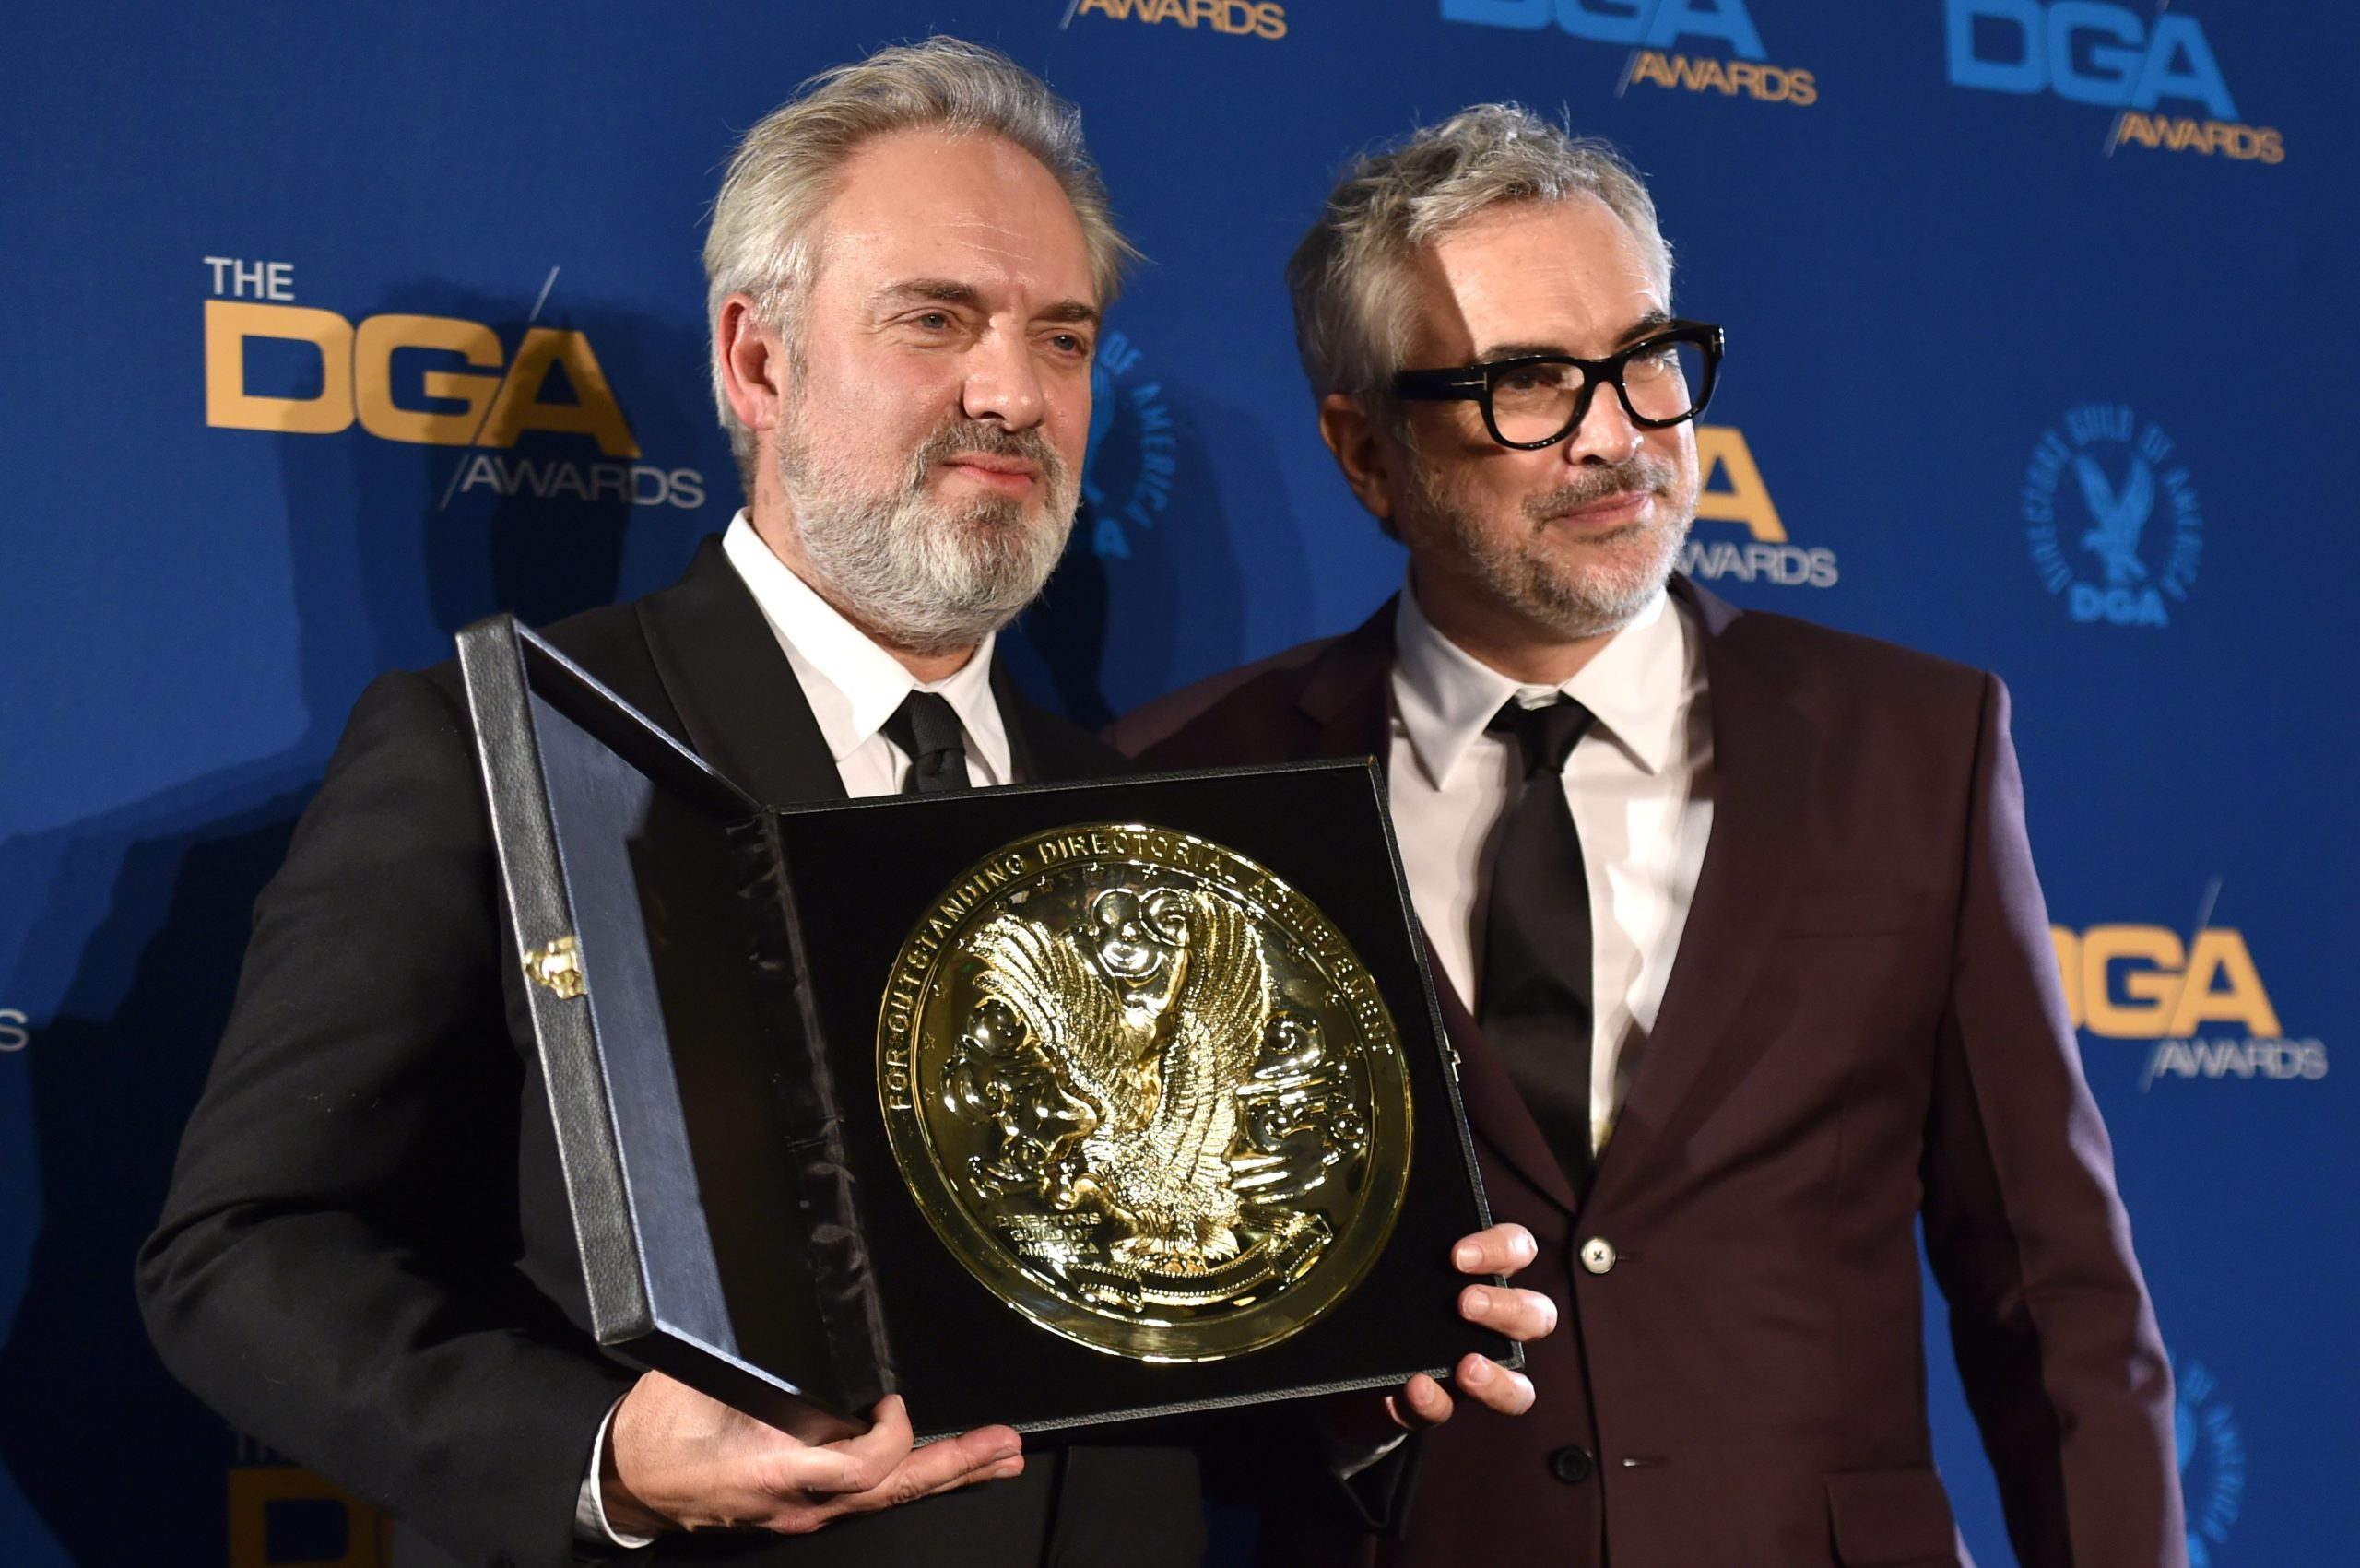 Premios DGA 2020: Sam Mendes gana como Mejor Director del Sindicato de Directores